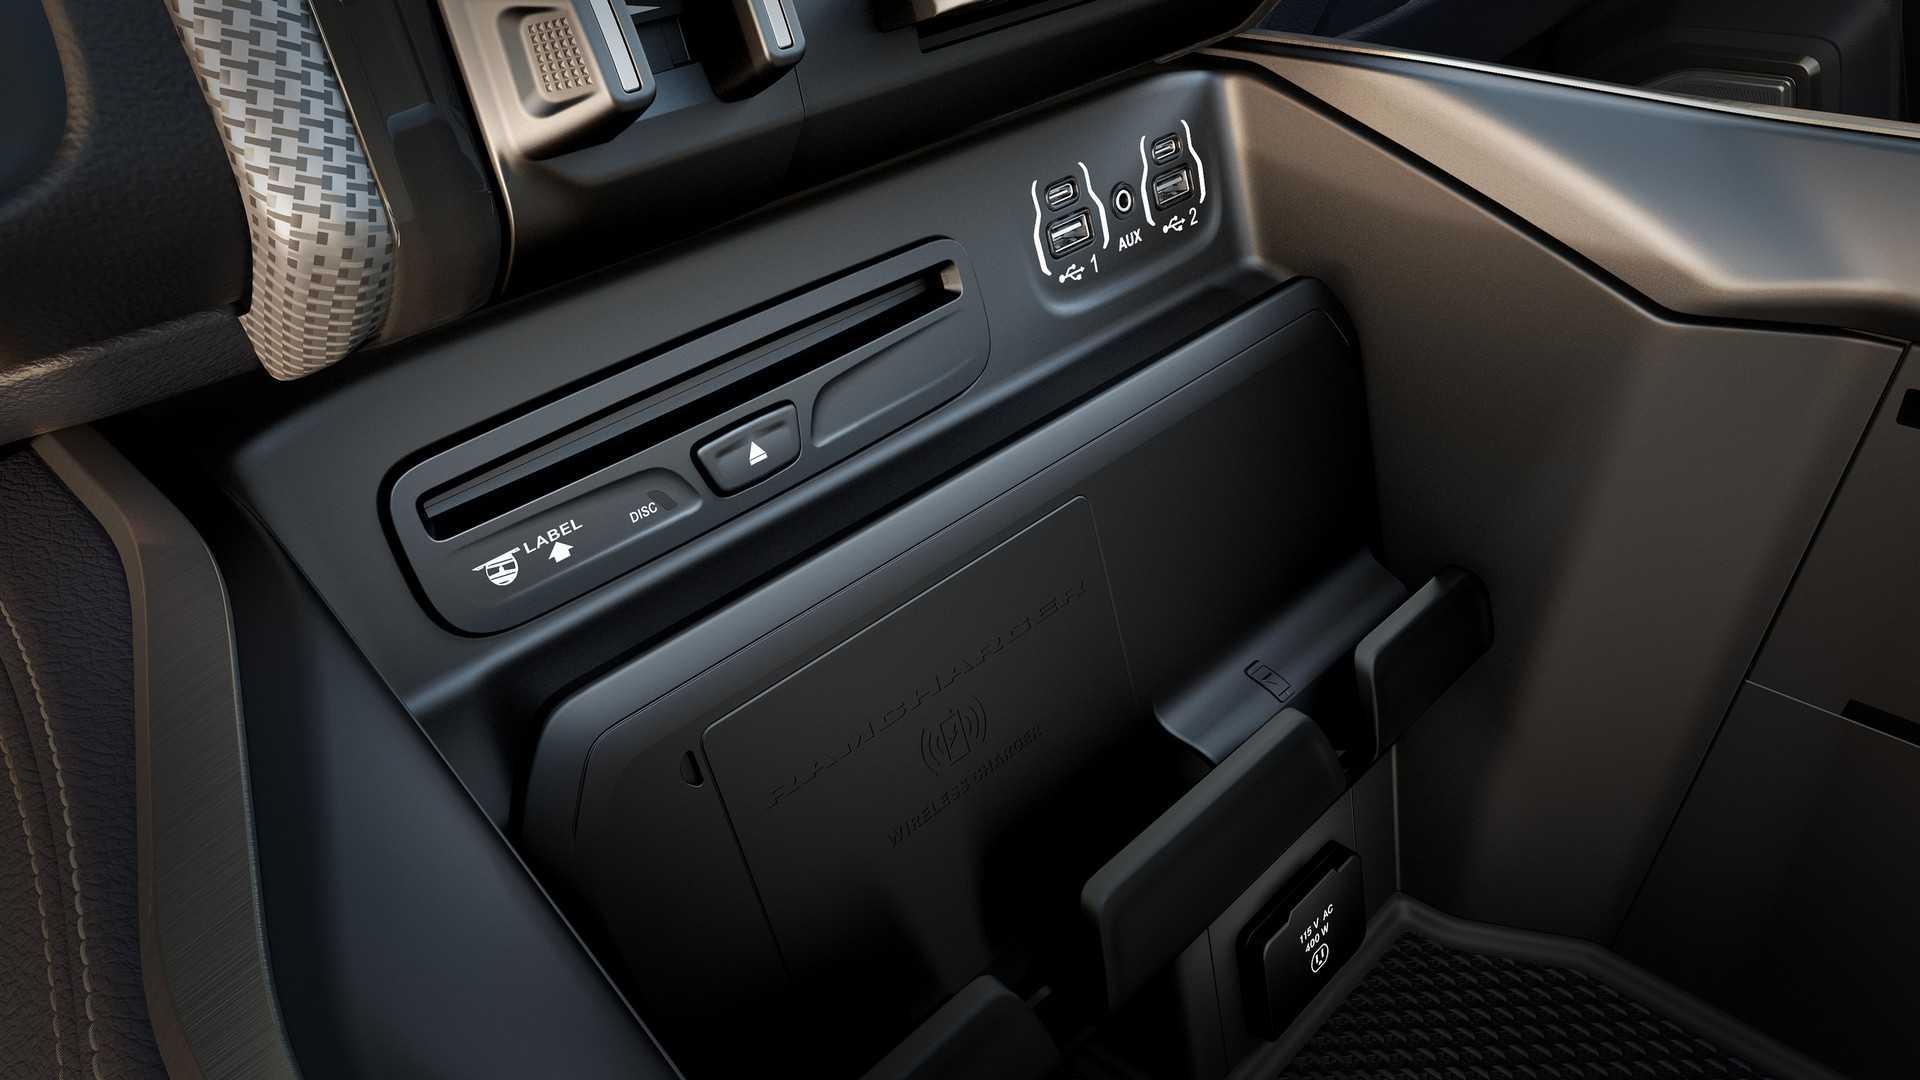 2019-ram-heavy-duty-interior (41)